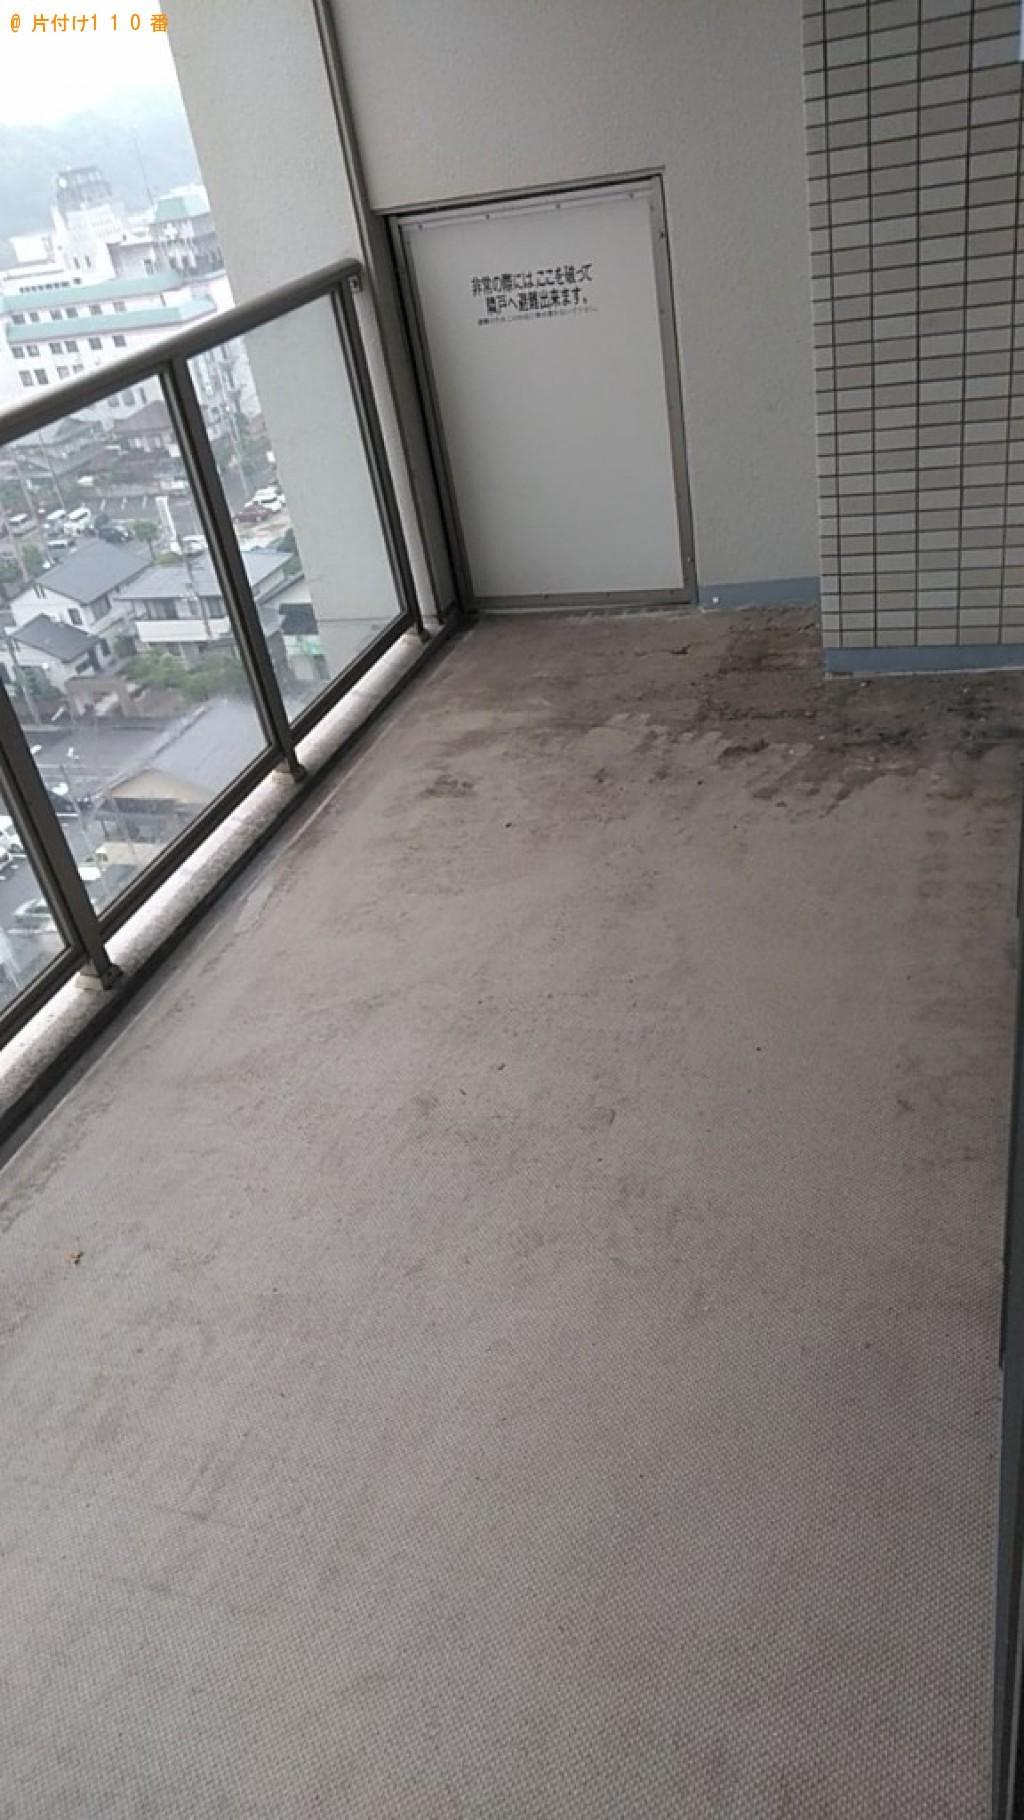 【福井県美浜町】床に敷き詰めるパネル、金属製ラックの回収・処分ご依頼